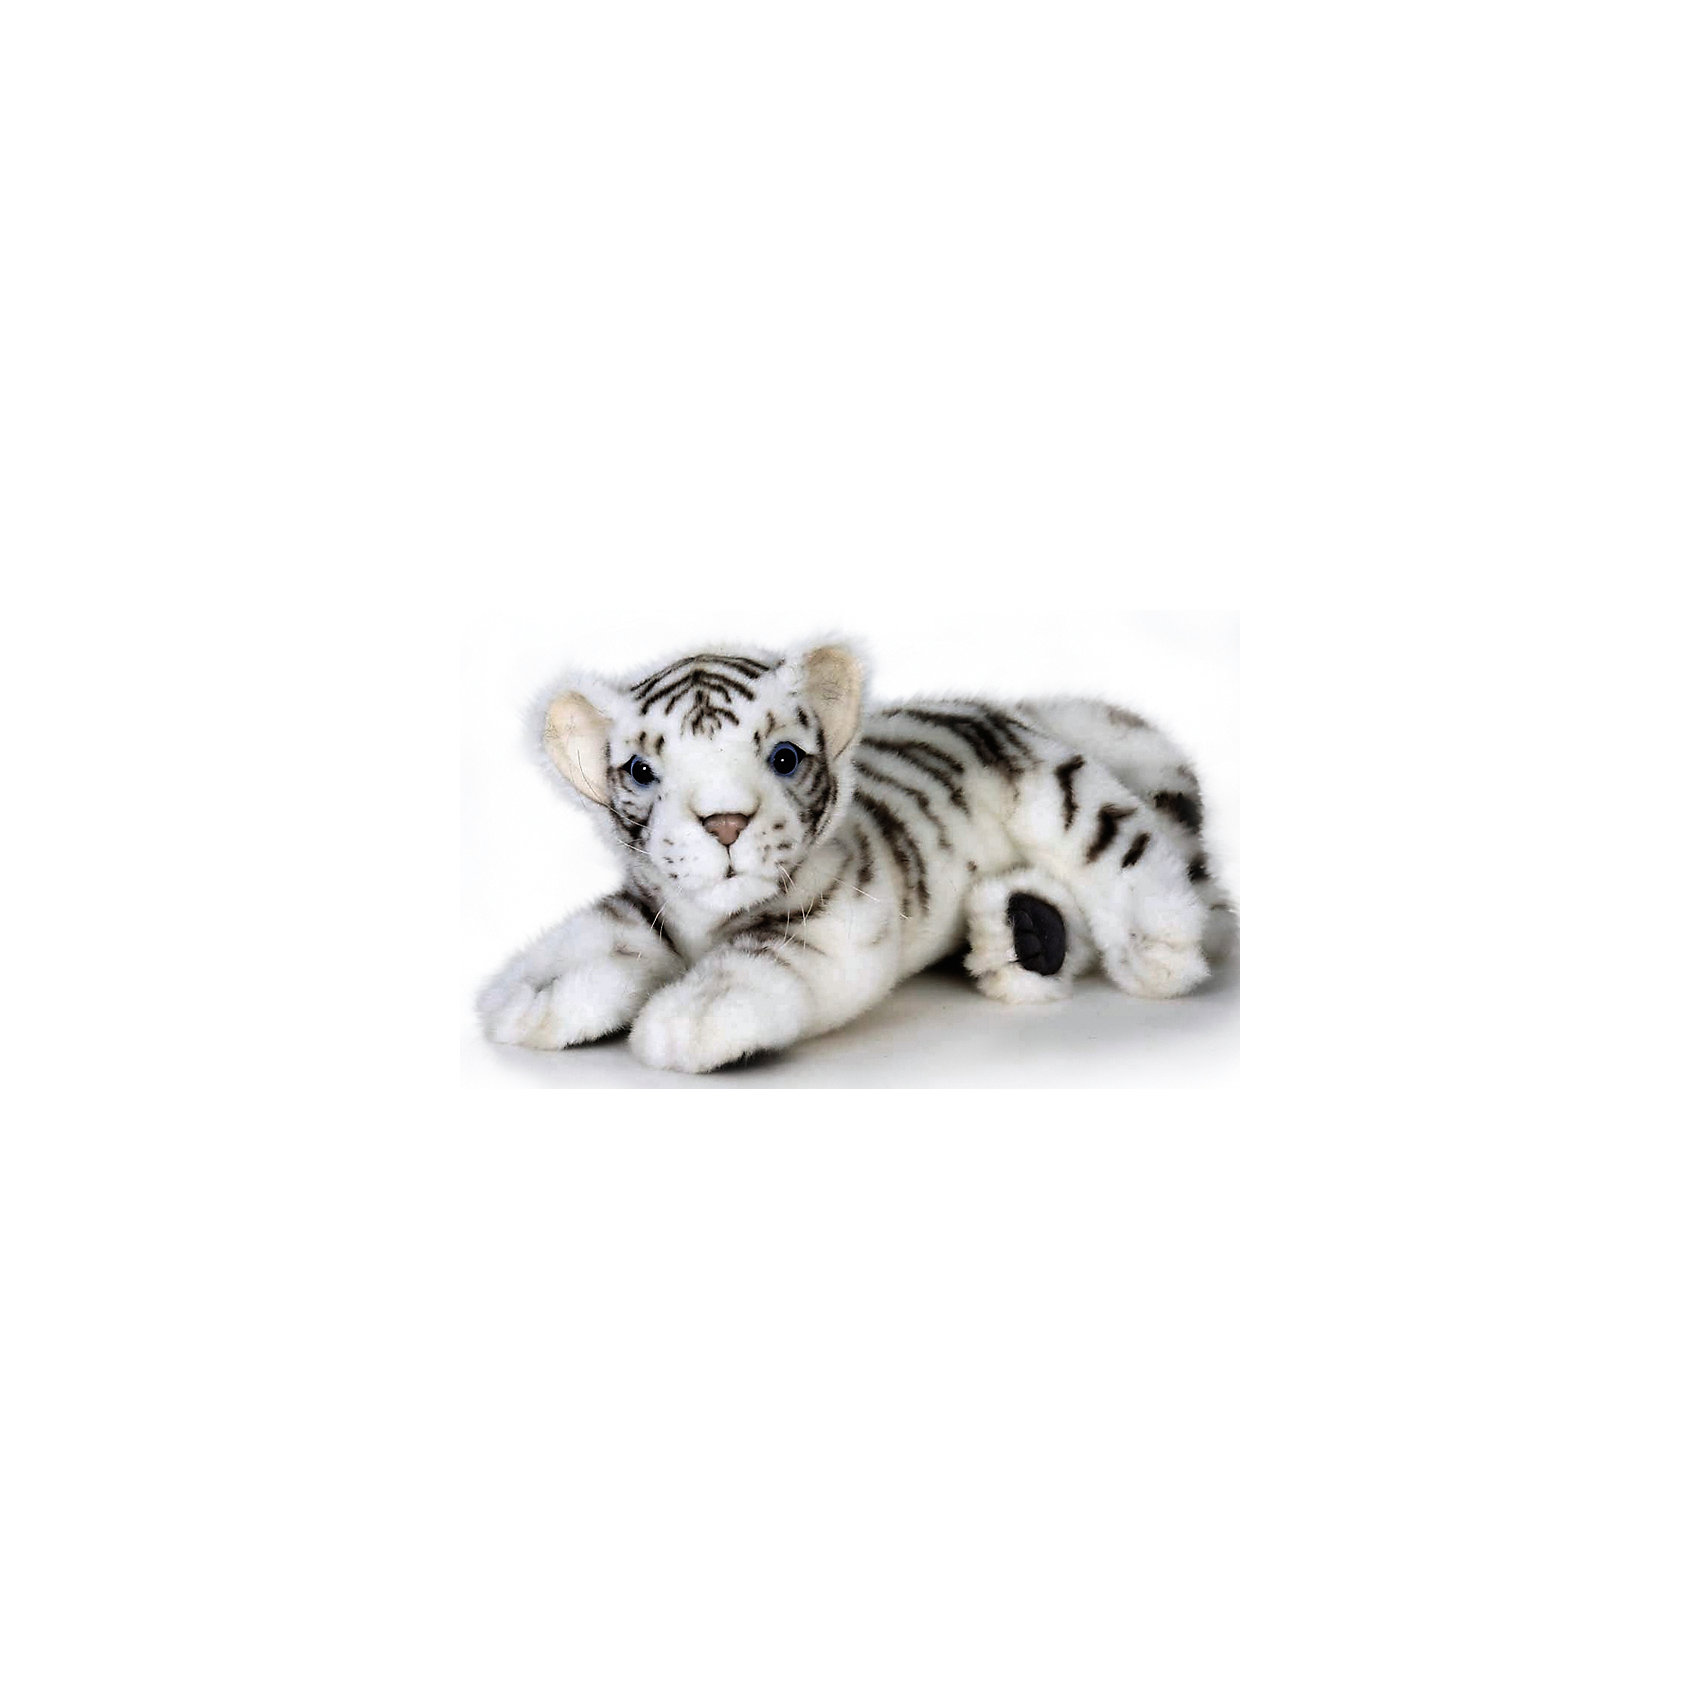 Белый тигренок (лежащий), 26 смБелый тигренок (лежащий), 26 см – игрушка от знаменитого бренда Hansa, специализирующегося на выпуске мягких игрушек с высокой степенью натуралистичности. Внешний вид игрушечного тигренка полностью соответствует реальному прототипу – детенышу бенгальского тигра. Он выполнен из искусственного меха белого цвета с ворсом средней длины и черными полосками. Использованные материалы обладают гипоаллергенными свойствами. Внутри игрушки имеется металлический каркас, позволяющий изменять положение. <br>Игрушка относится к серии Дикие животные. <br>Мягкие игрушки от Hansa подходят для сюжетно-ролевых игр, для обучающих игр, направленных на знакомство с животным миром дикой природы. Кроме того, их можно использовать в качестве интерьерных игрушек. Коллекция из нескольких игрушек позволяет создать свой домашний зоопарк, который будет радовать вашего ребенка долгое время, так как ручная работа и качественные материалы гарантируют их долговечность и прочность.<br><br>Дополнительная информация:<br><br>- Вид игр: сюжетно-ролевые игры, коллекционирование, интерьерные игрушки<br>- Предназначение: для дома, для детских развивающих центров, для детских садов<br>- Материал: искусственный мех, наполнитель ? полиэфирное волокно<br>- Размер (ДхШхВ): 26*14*15 см<br>- Вес: 315 г<br>- Особенности ухода: сухая чистка при помощи пылесоса или щетки для одежды<br><br>Подробнее:<br><br>• Для детей в возрасте: от 3 лет <br>• Страна производитель: Филиппины<br>• Торговый бренд: Hansa<br><br>Белый тигренок (лежащий), 26 см можно купить в нашем интернет-магазине.<br><br>Ширина мм: 26<br>Глубина мм: 14<br>Высота мм: 15<br>Вес г: 315<br>Возраст от месяцев: 36<br>Возраст до месяцев: 2147483647<br>Пол: Унисекс<br>Возраст: Детский<br>SKU: 4927209